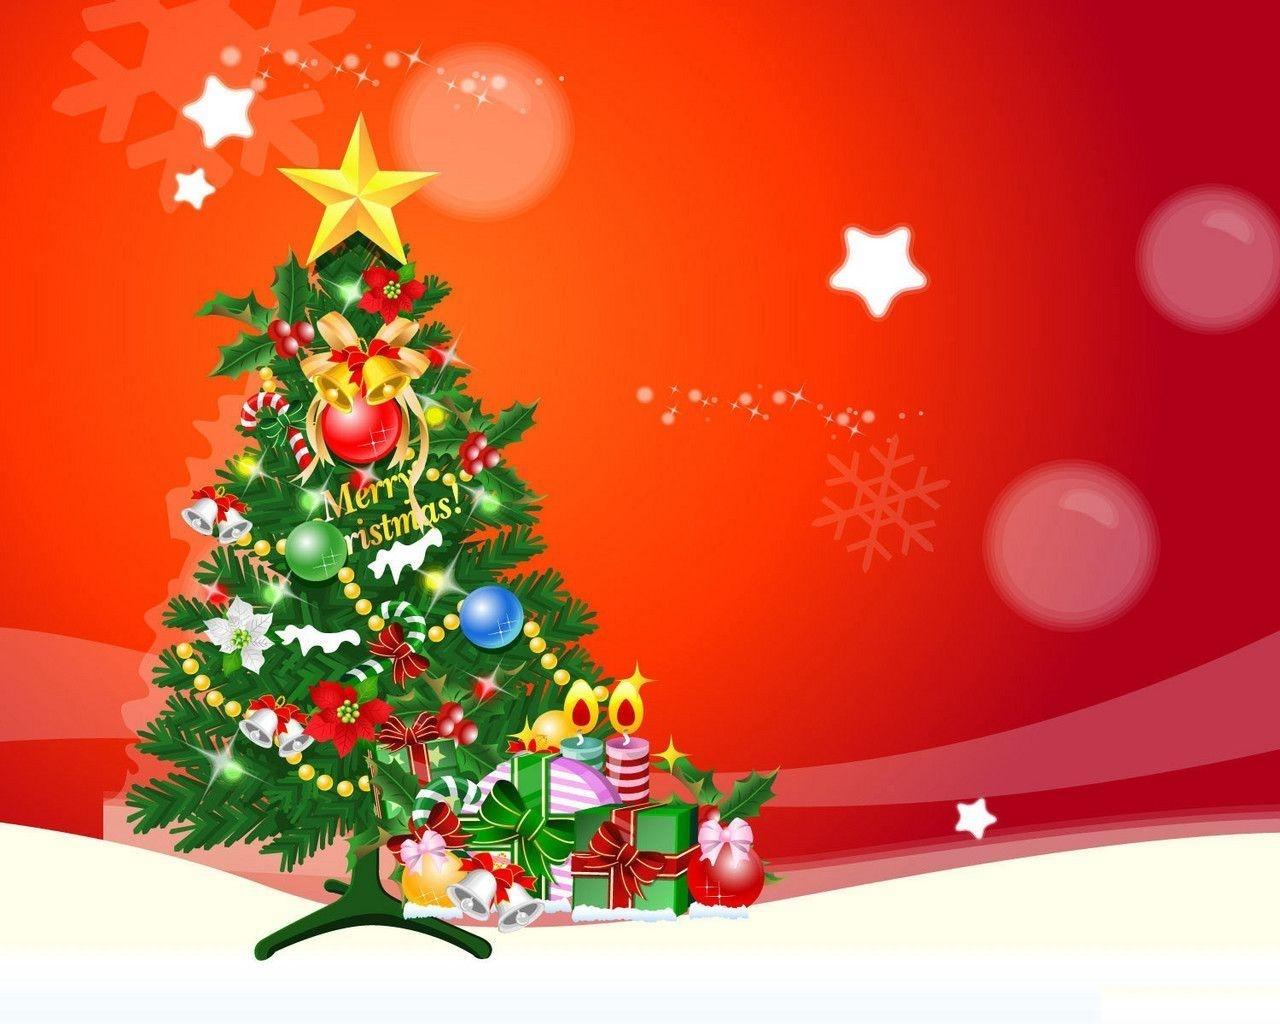 Handy-Wallpaper Feiertage, Neujahr, Tannenbaum, Weihnachten, Bilder kostenlos herunterladen.